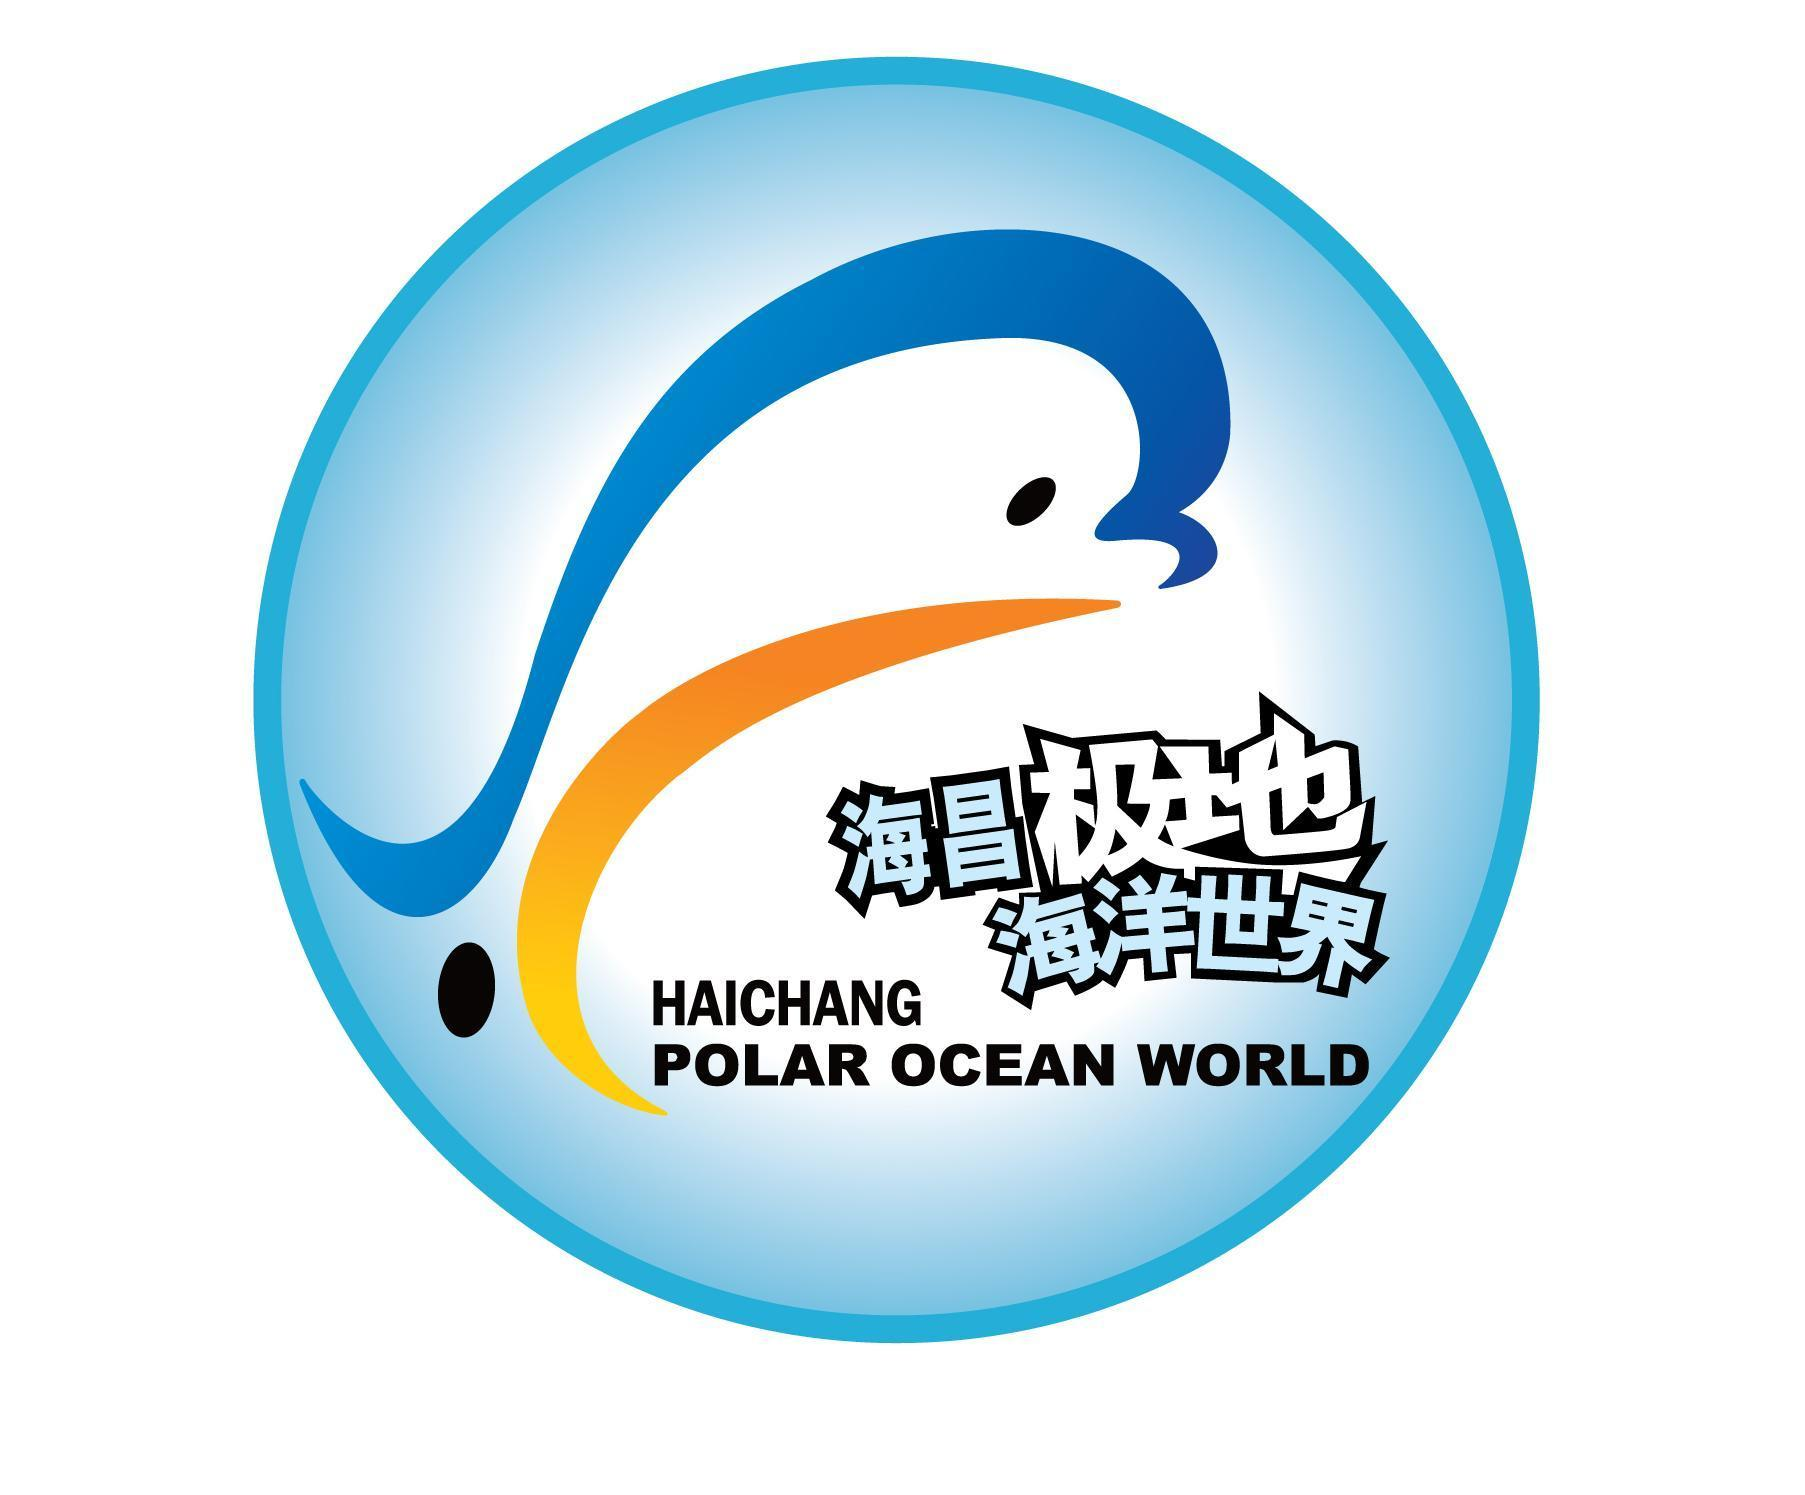 海洋馆logo设计说明